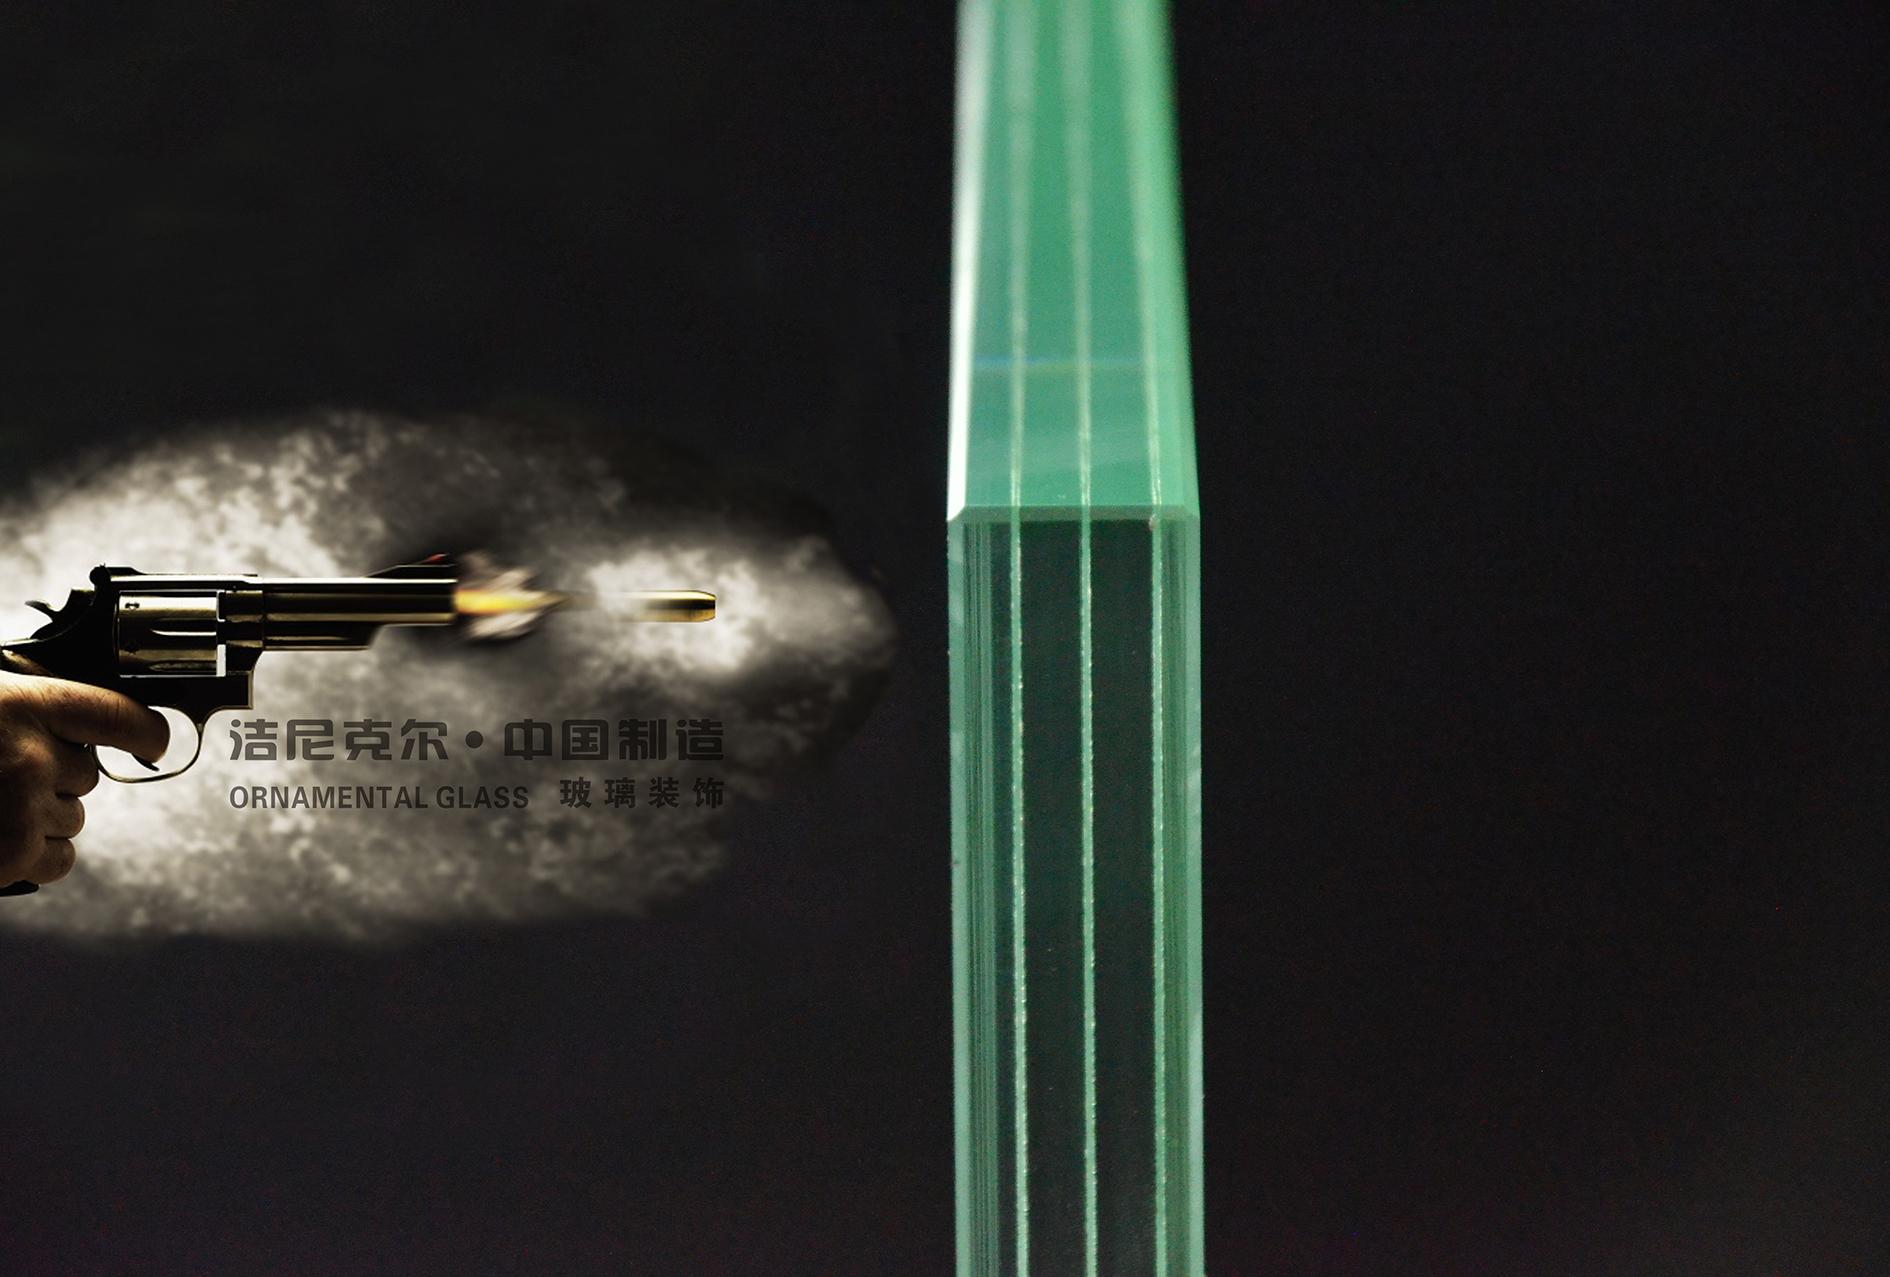 Противо бомба взрывозащищенный стекло банк ювелирные изделия золото и серебро ювелирные изделия противо бомба бунт стекло мезонин клип анти клейкий бомба стекло